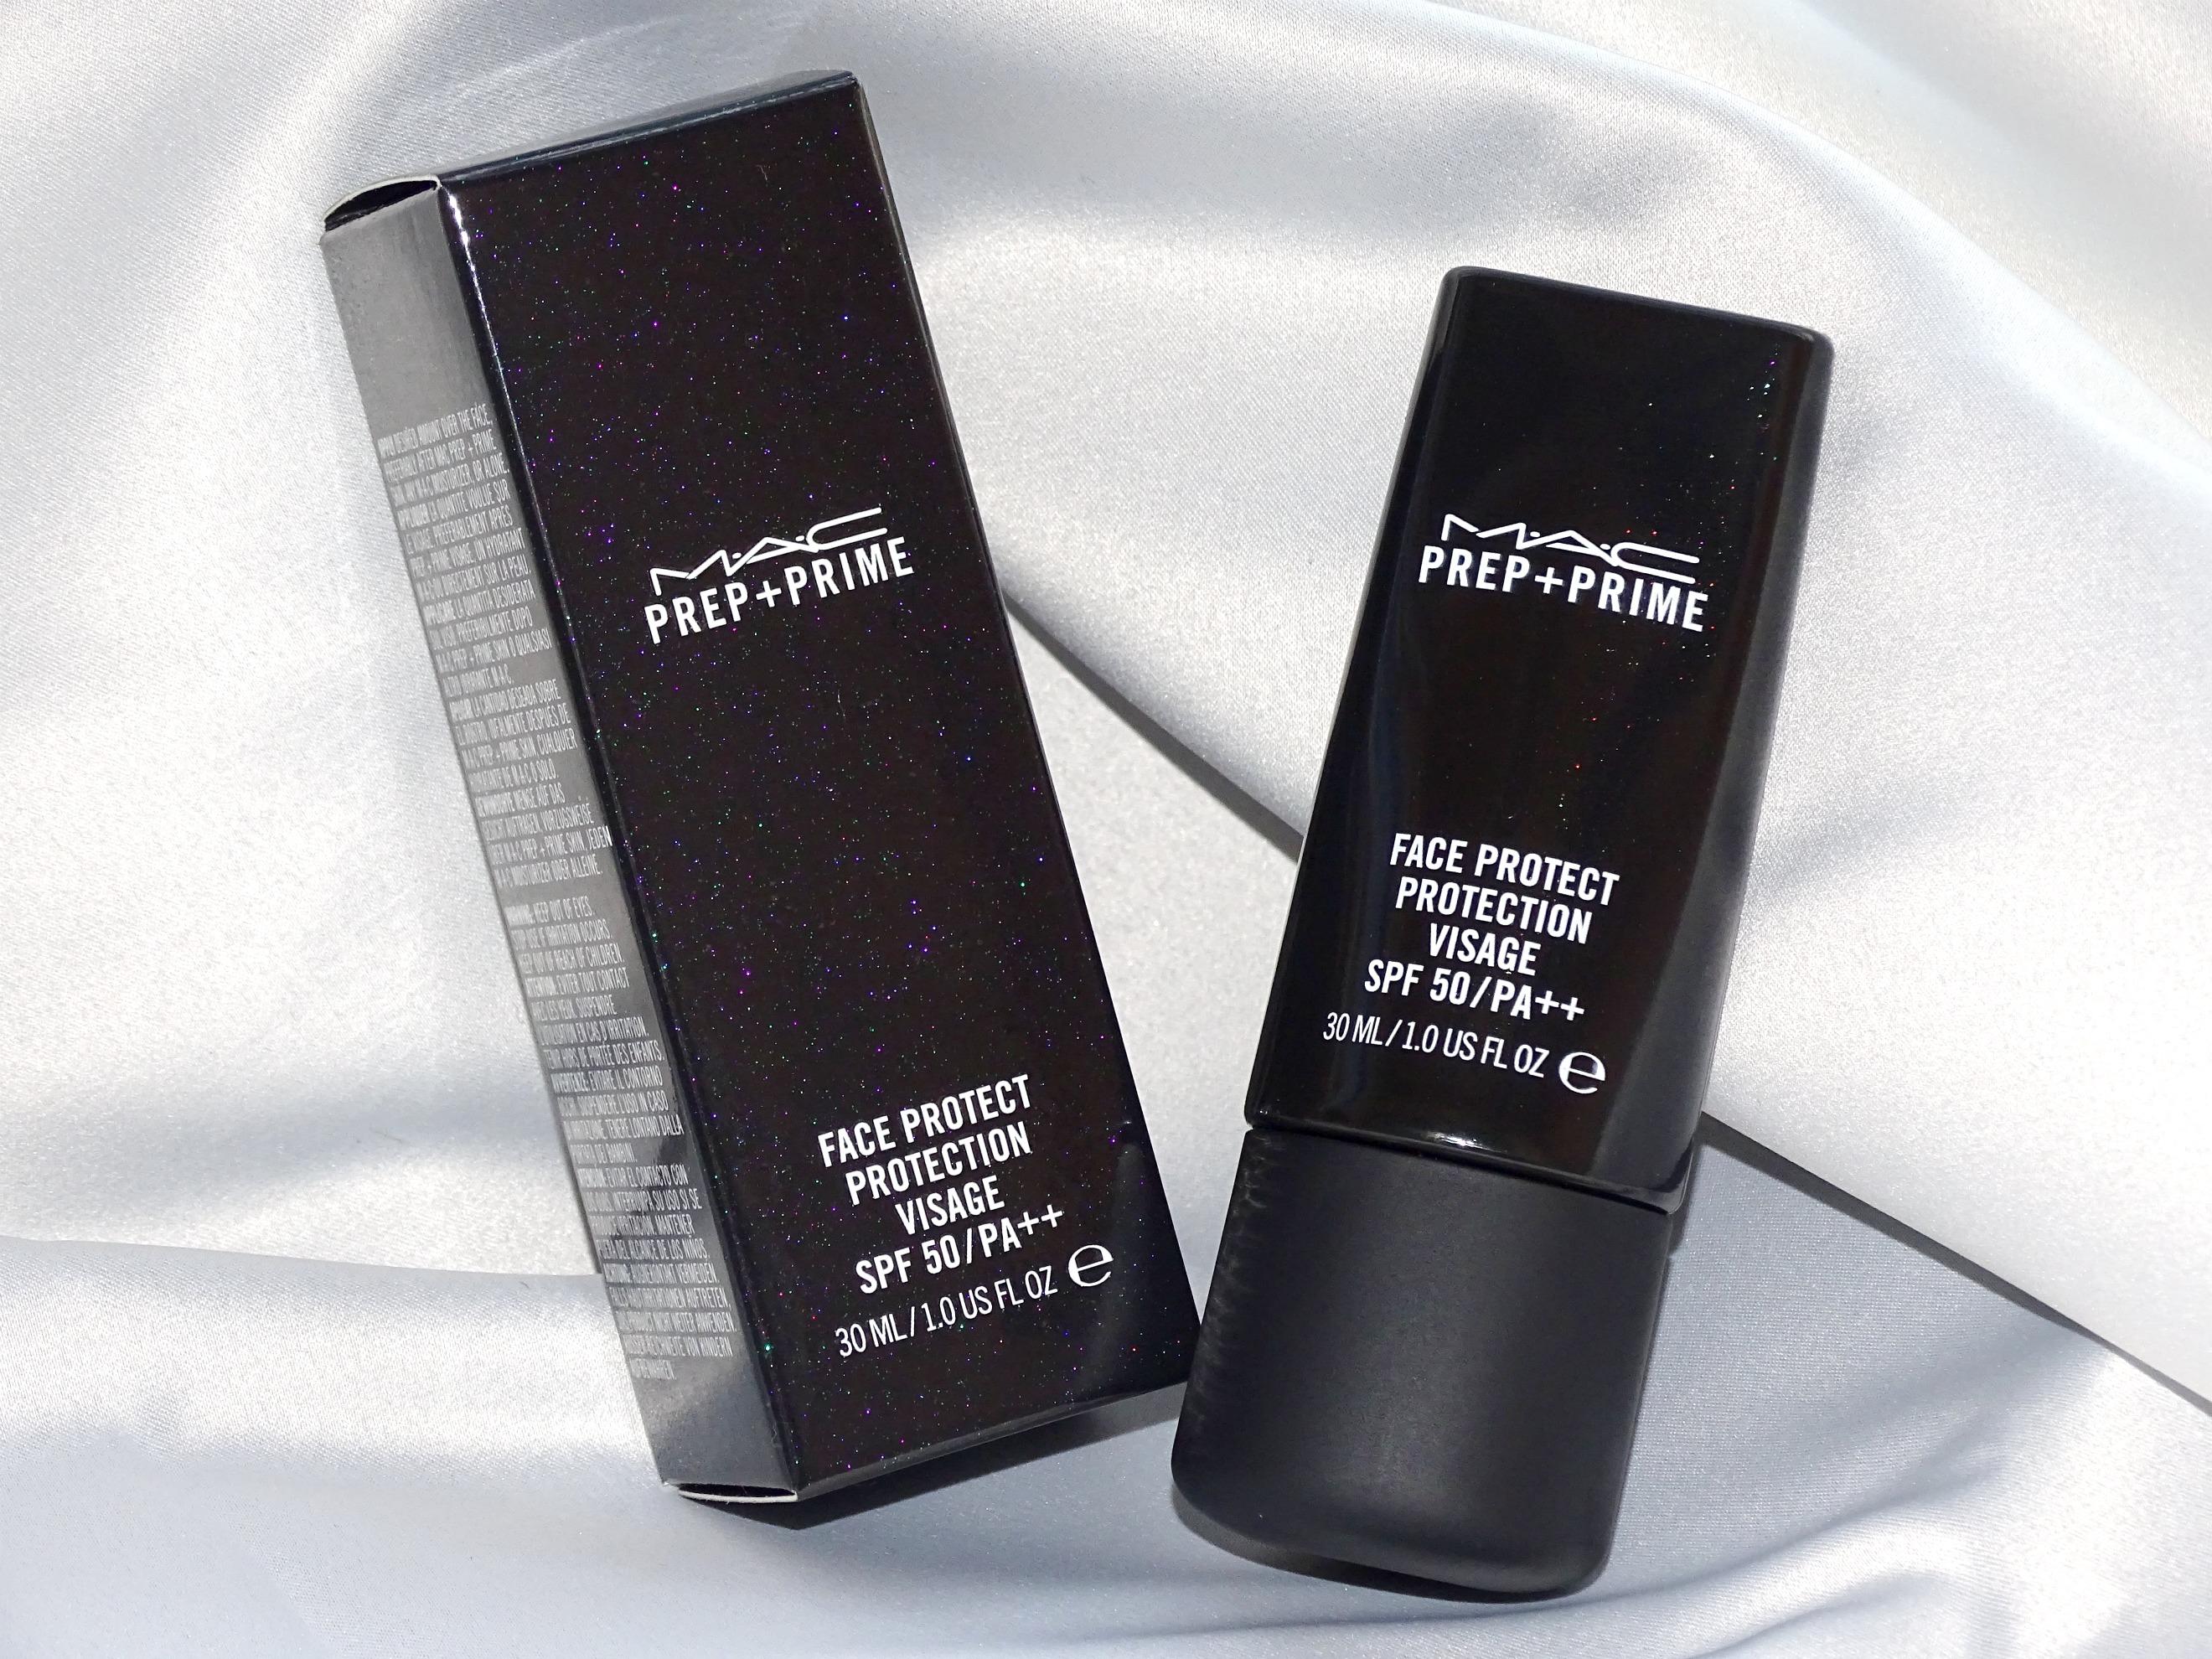 Лятна защита: MAC, основа за грим и филтър SPF 50, Prep + Prime защита за лицето